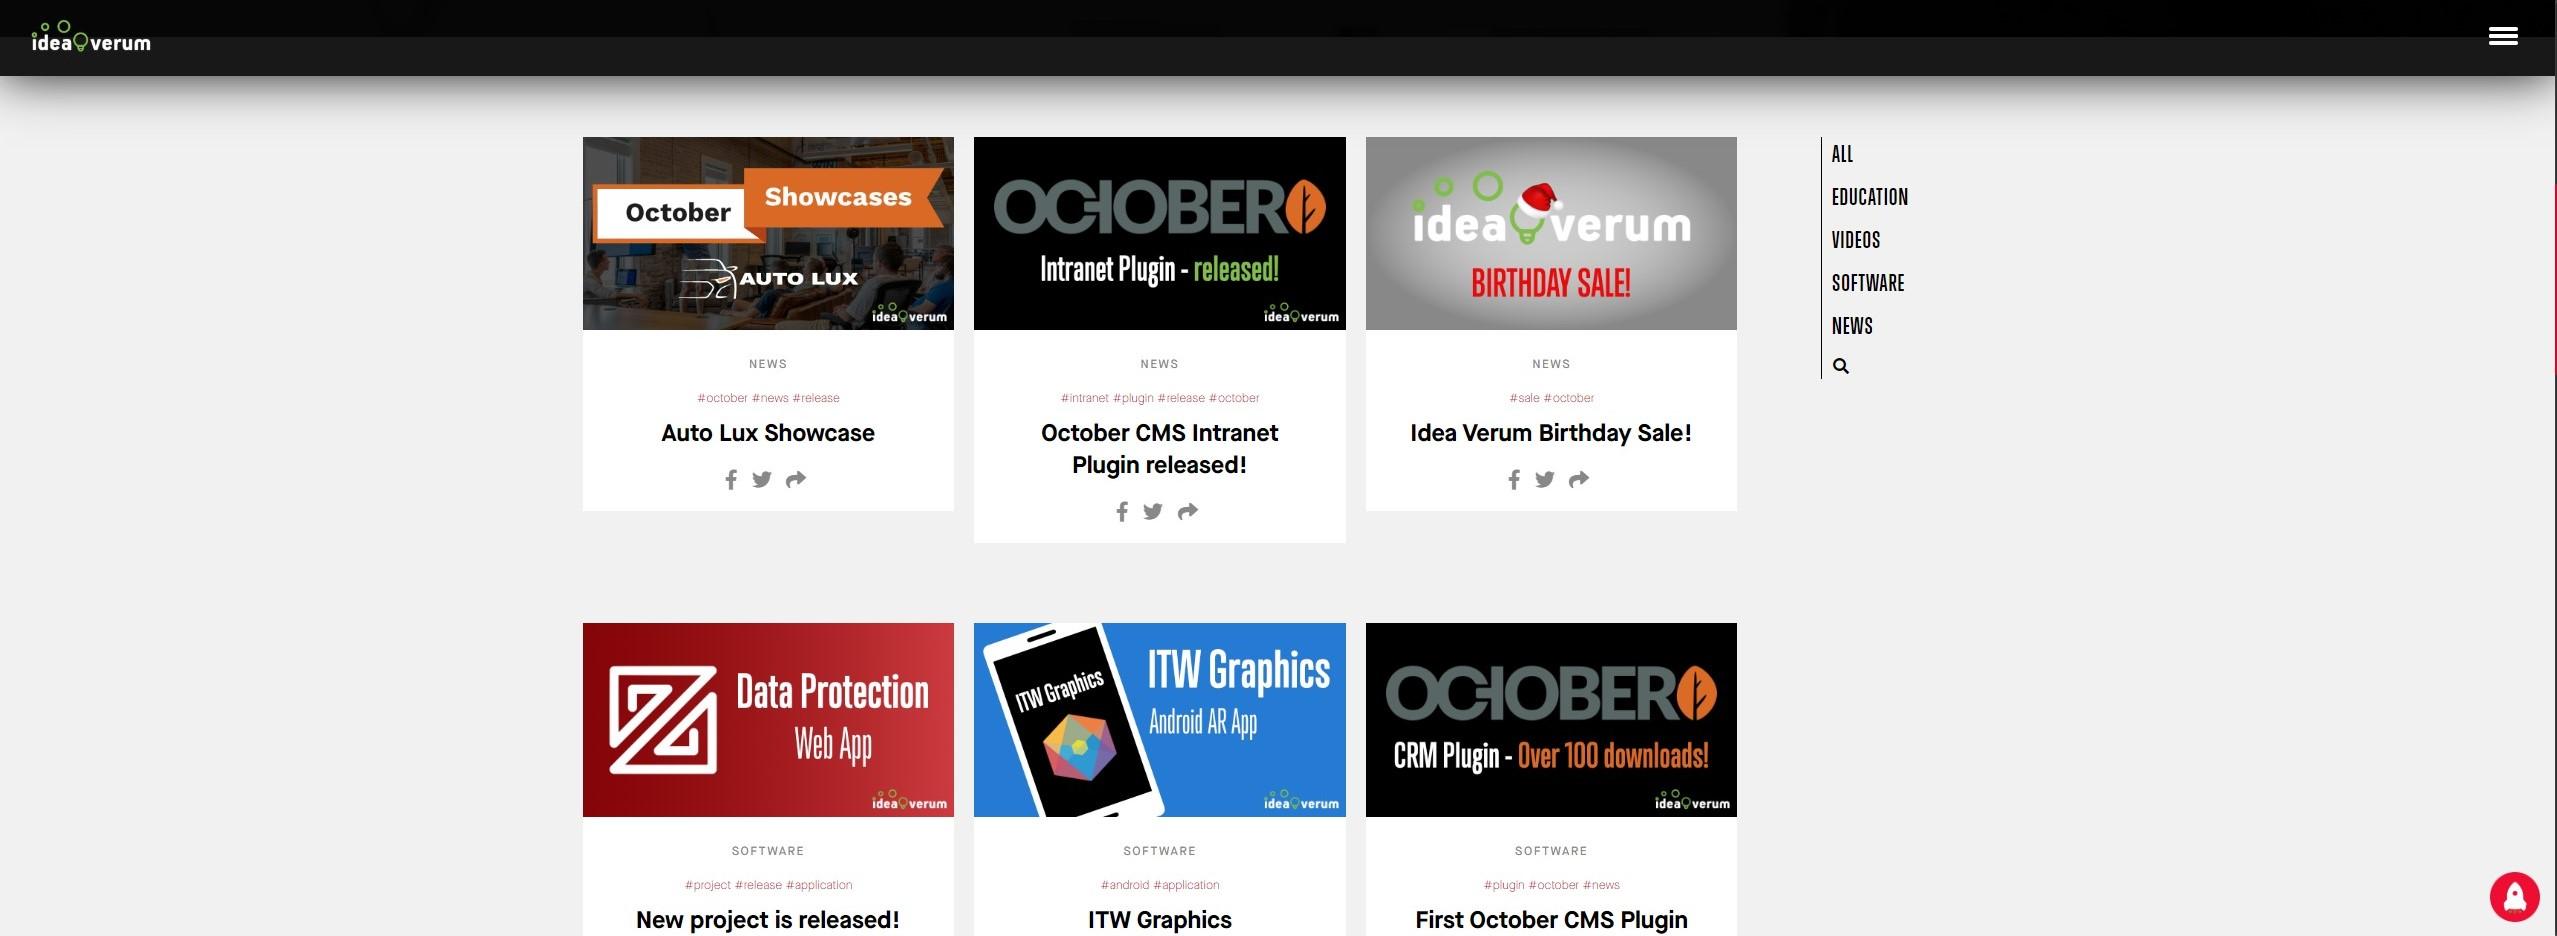 verum option mobili versija mokytojo uždarbis internete